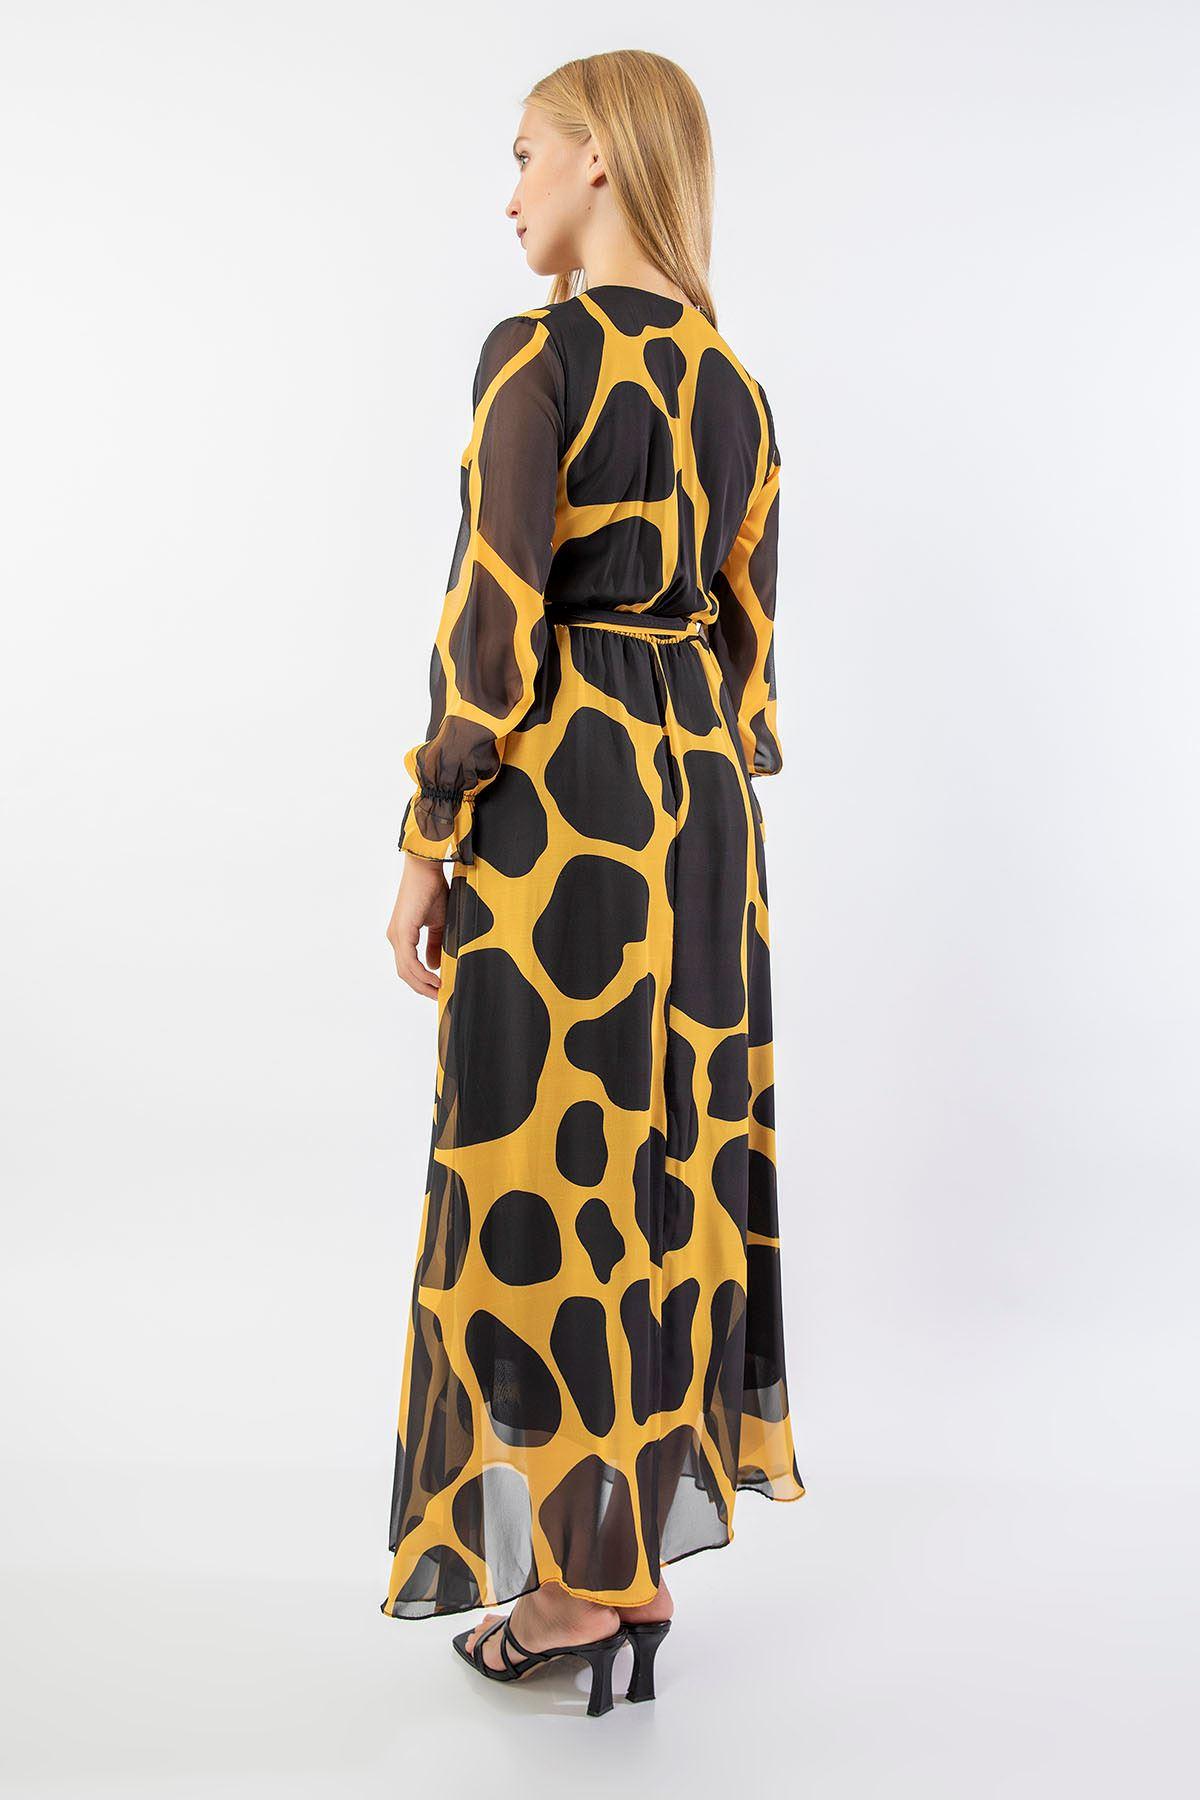 Taş Desen Uzun Şifon Elbise-Sarı